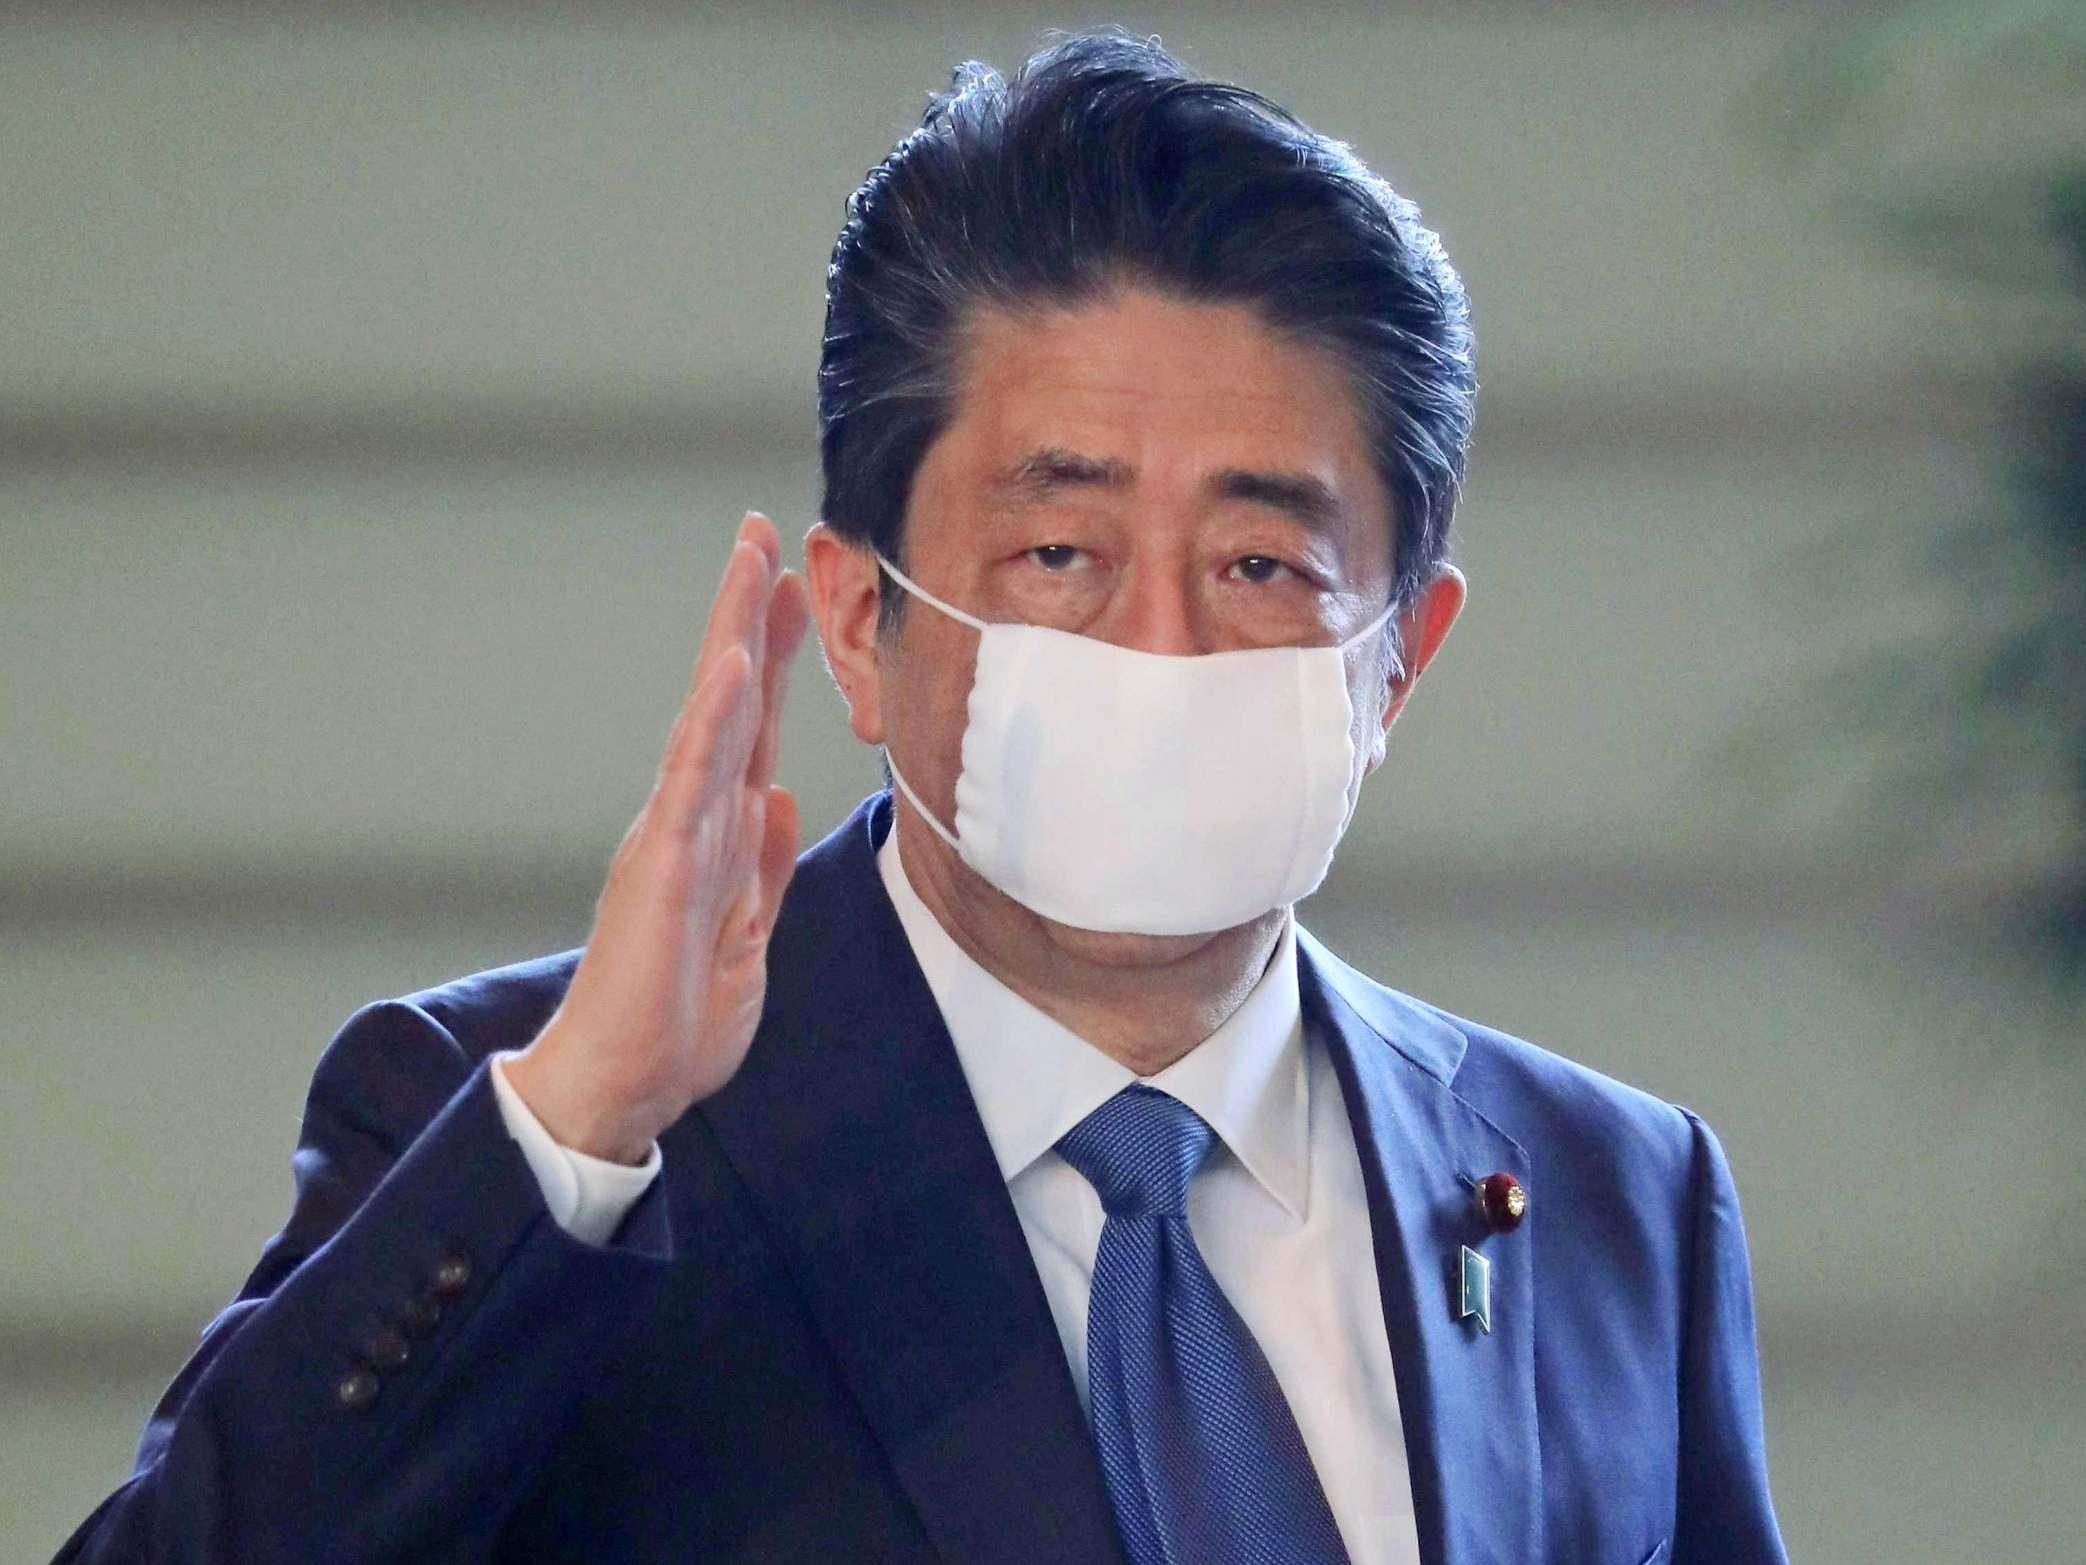 Thủ tướng Abe: Nhật Bản sẽ ban bố tình trạng khẩn cấp - 1